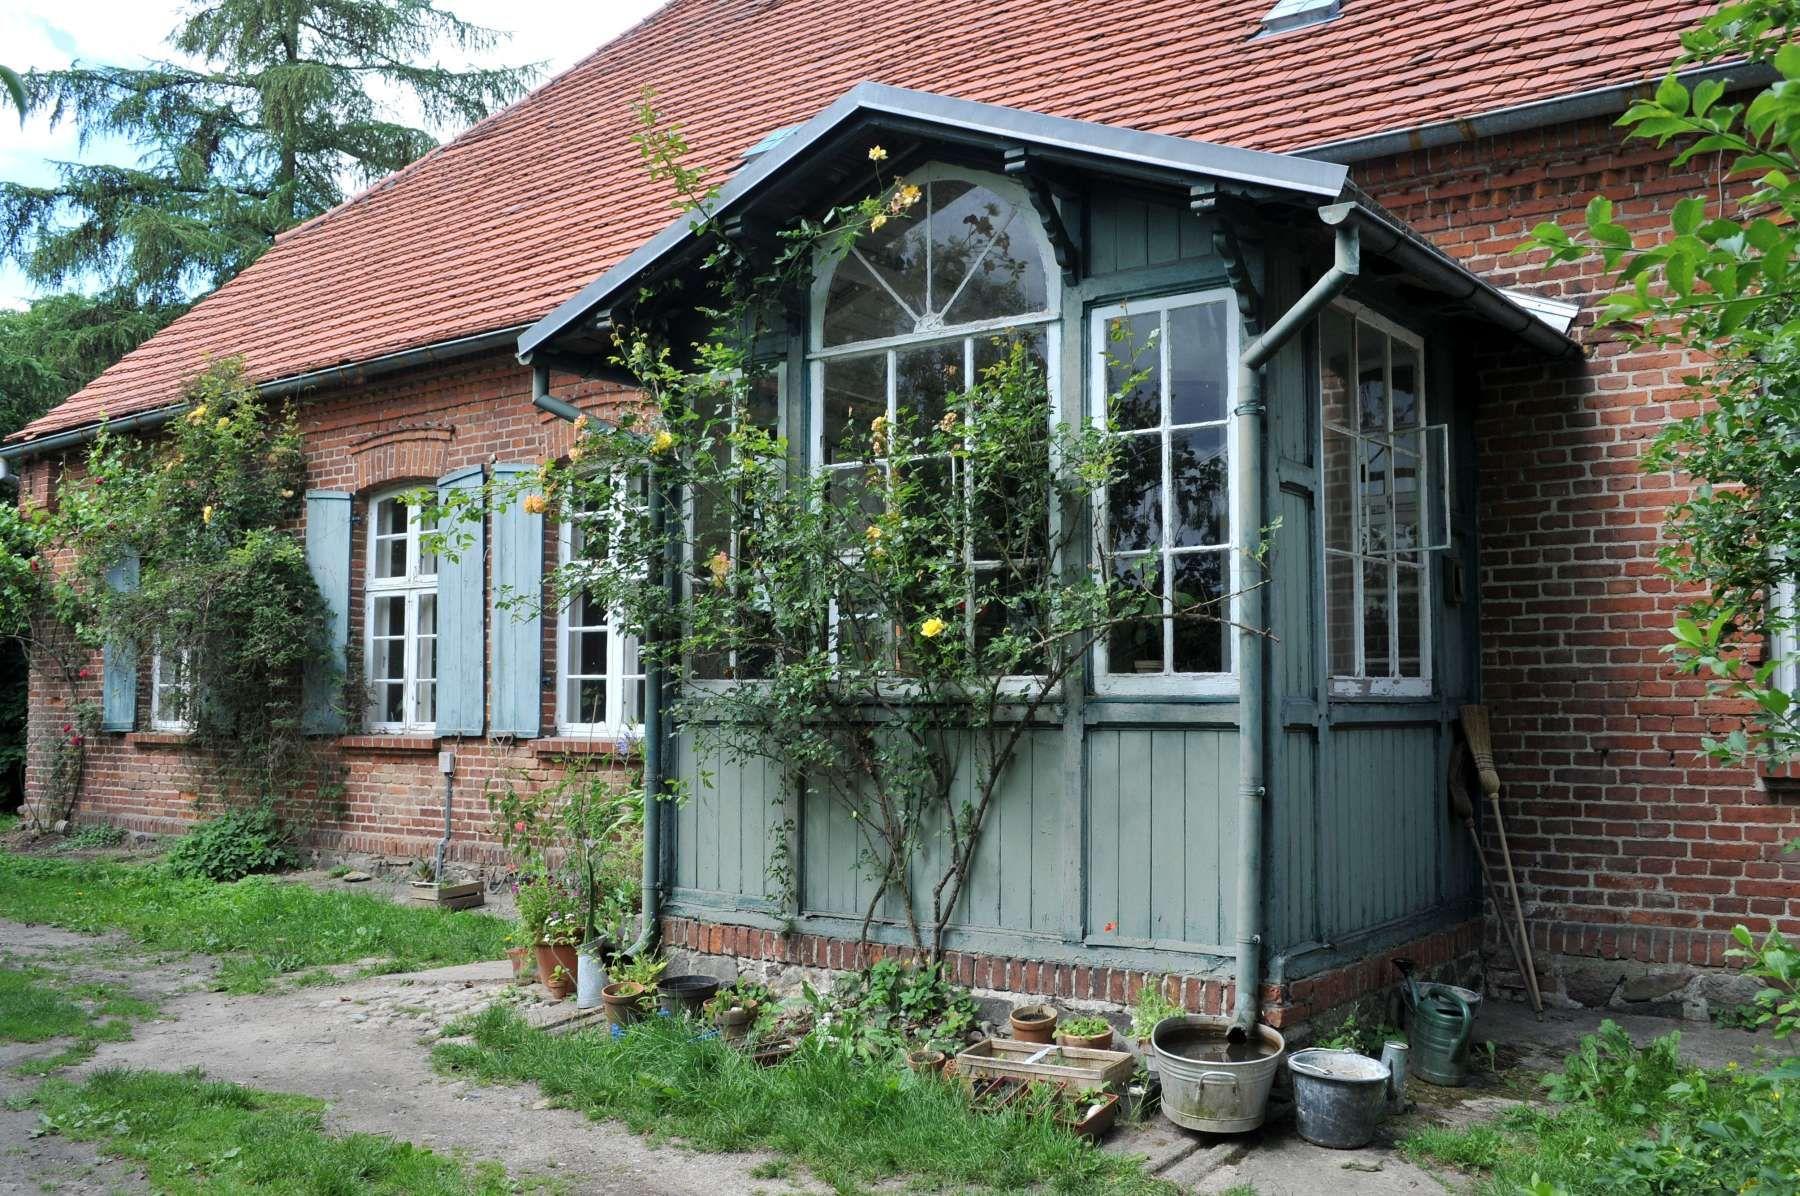 Pfarrhaus in Qualitz in MecklenburgVorpommern Haus